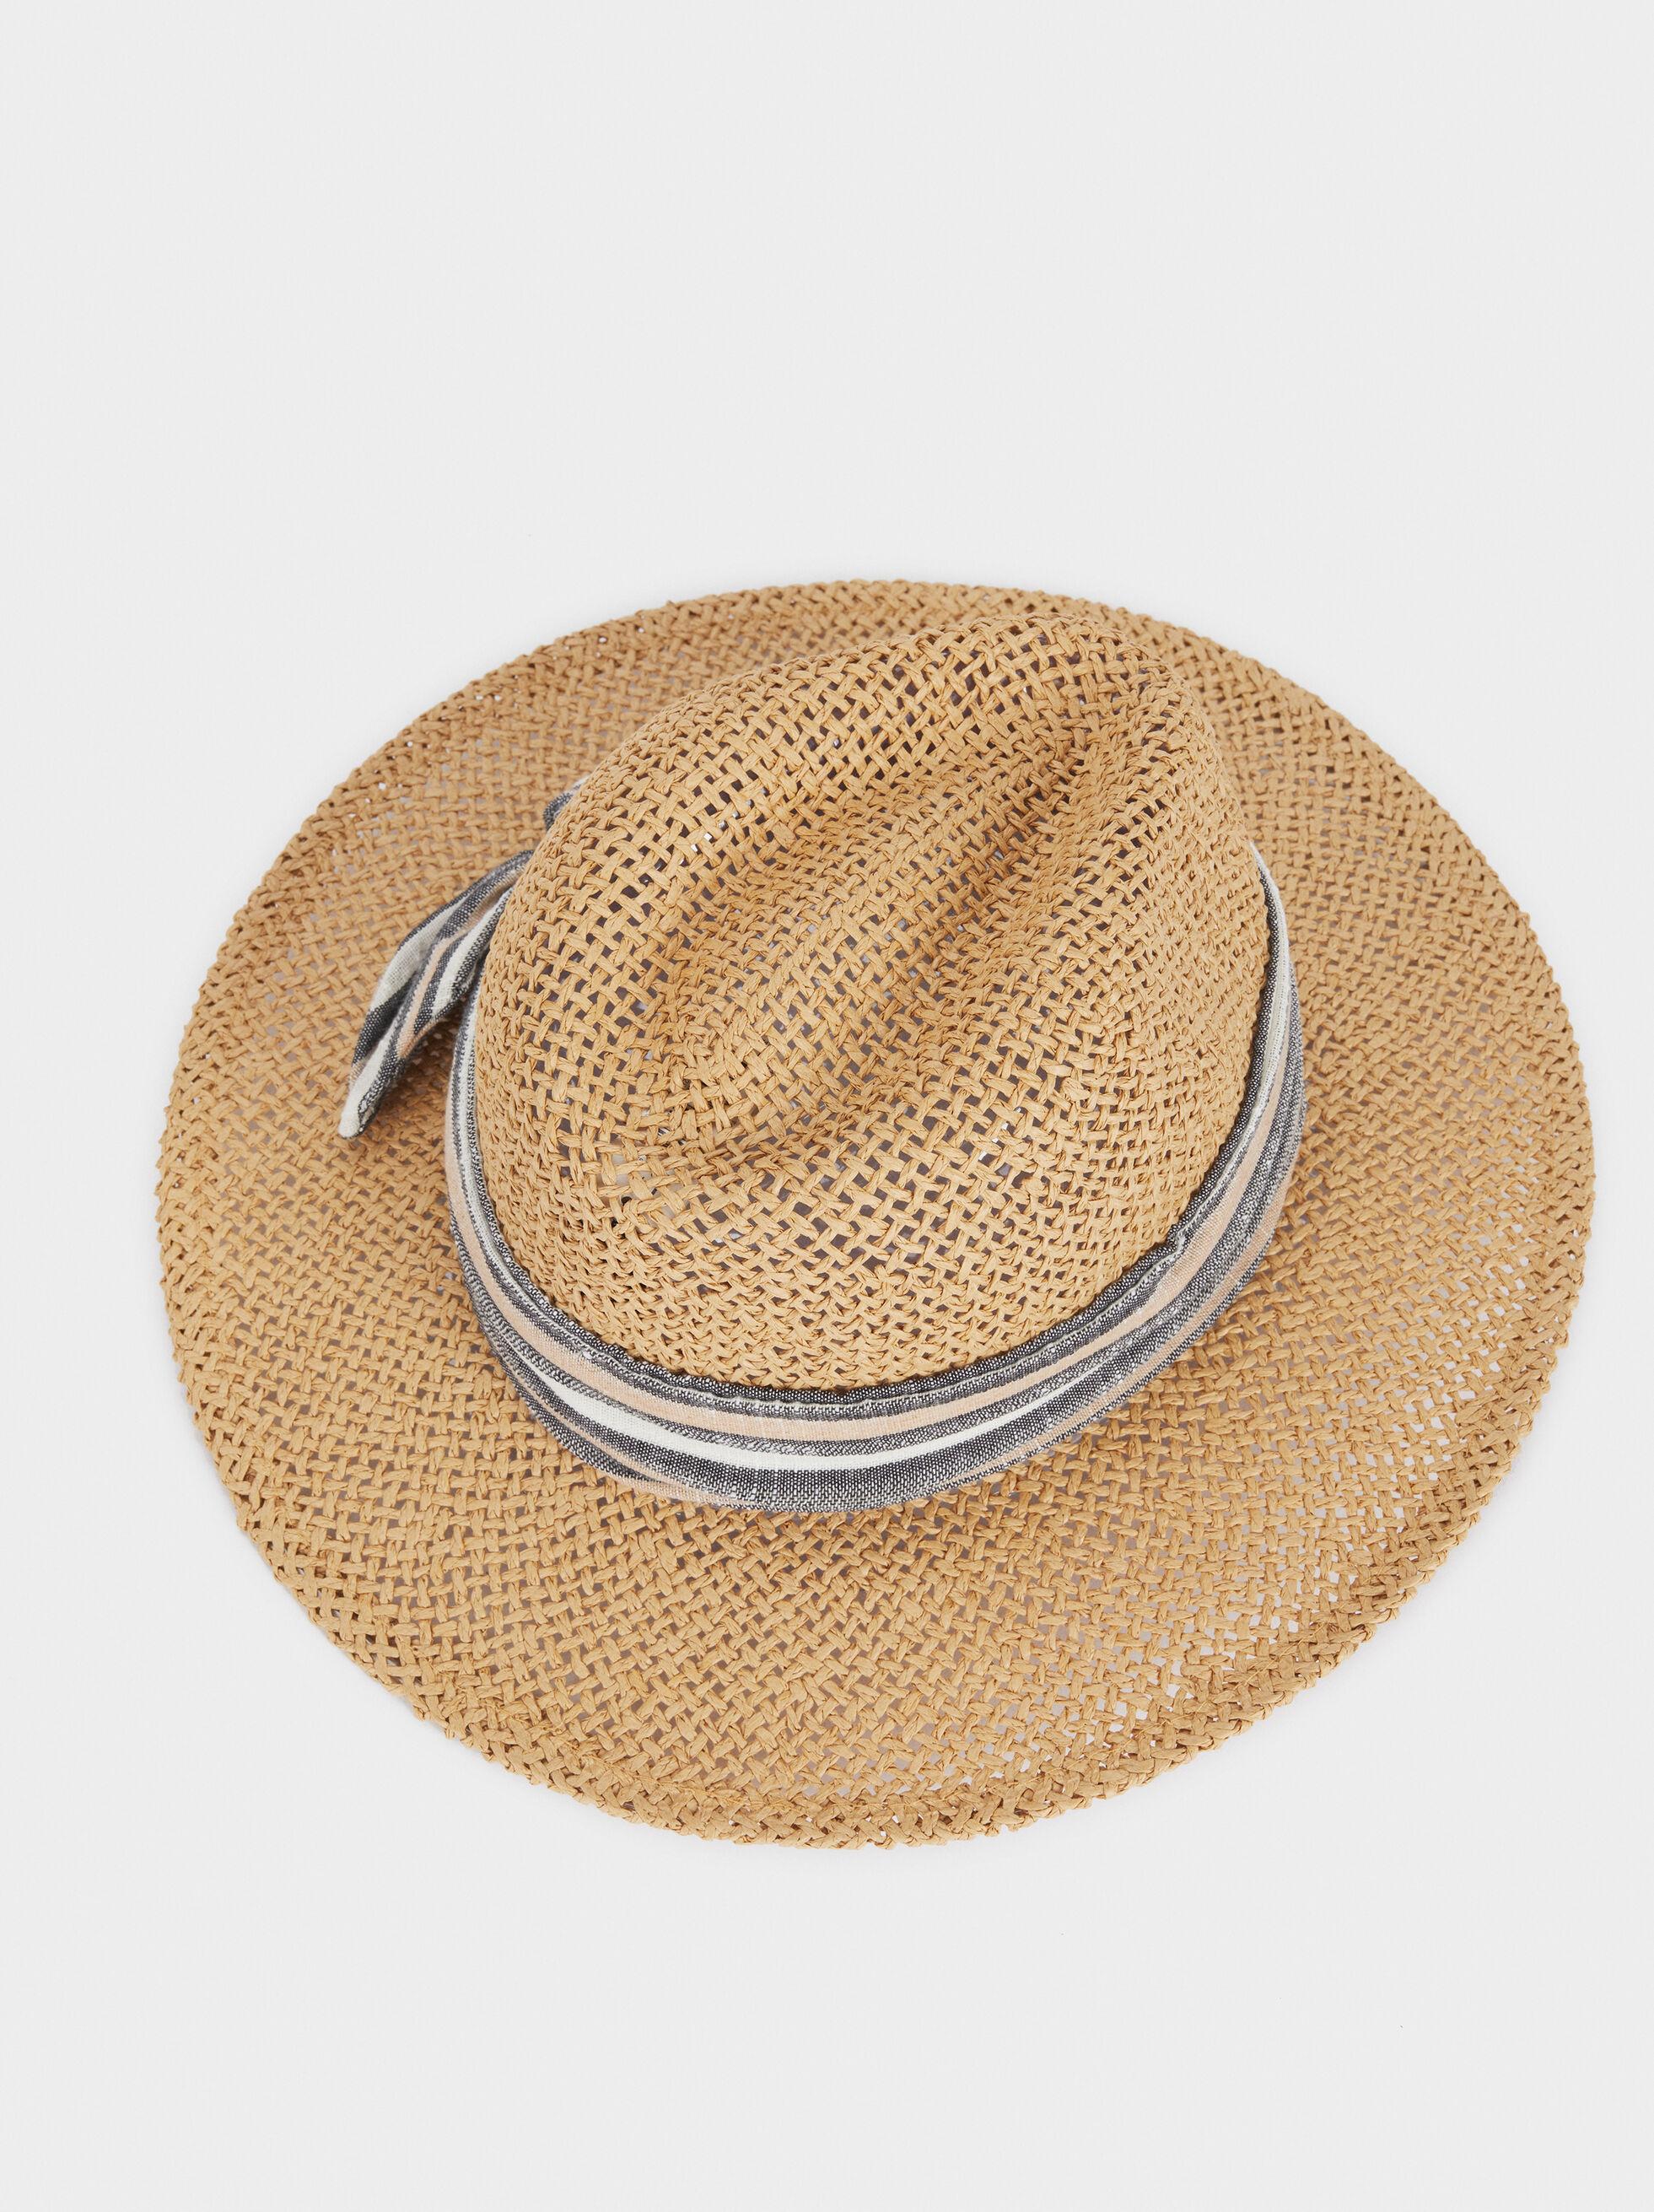 Textured Raffia Hat, Beige, hi-res